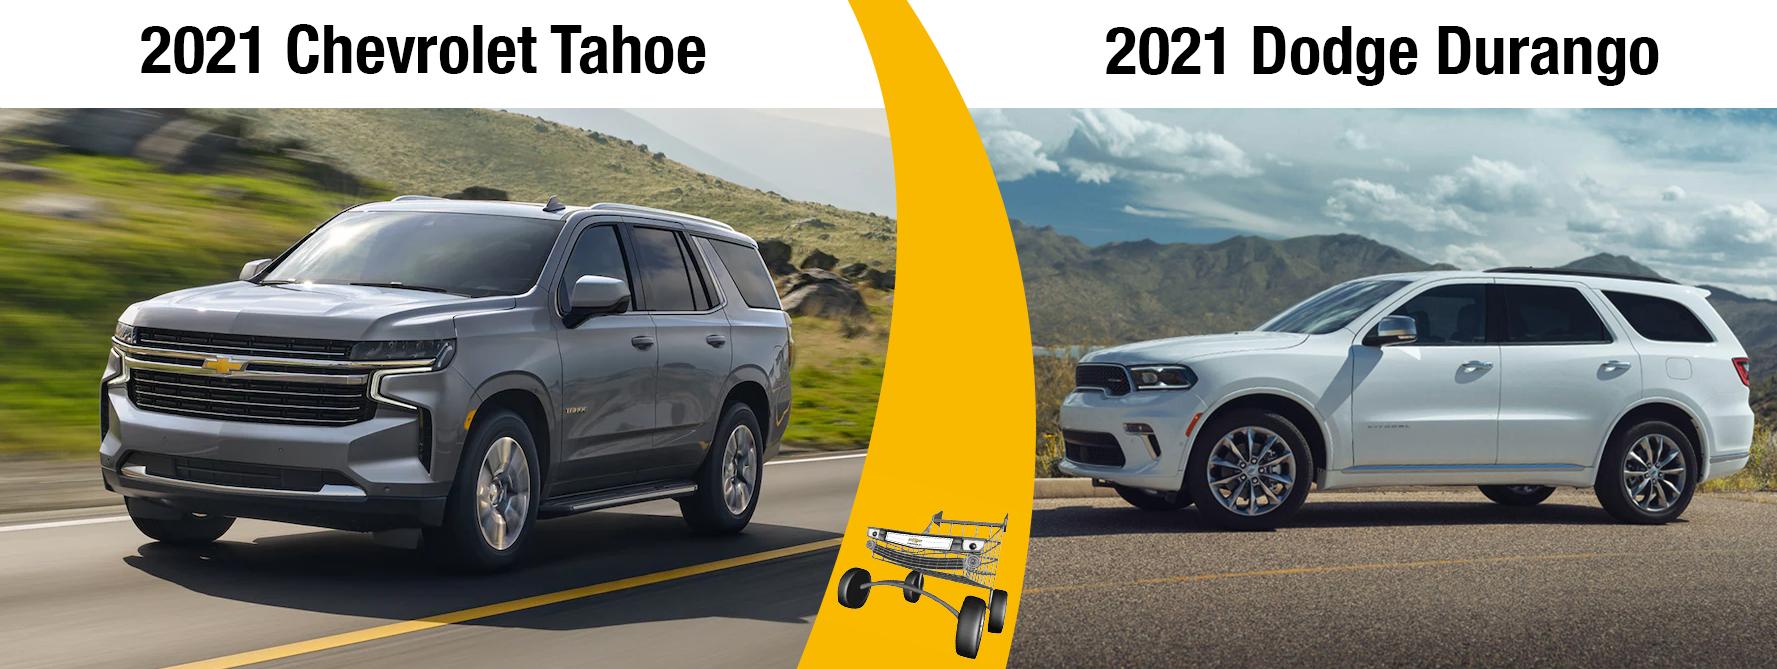 New 2021 Chevrolet Tahoe Vs. the 2021 Dodge Durango